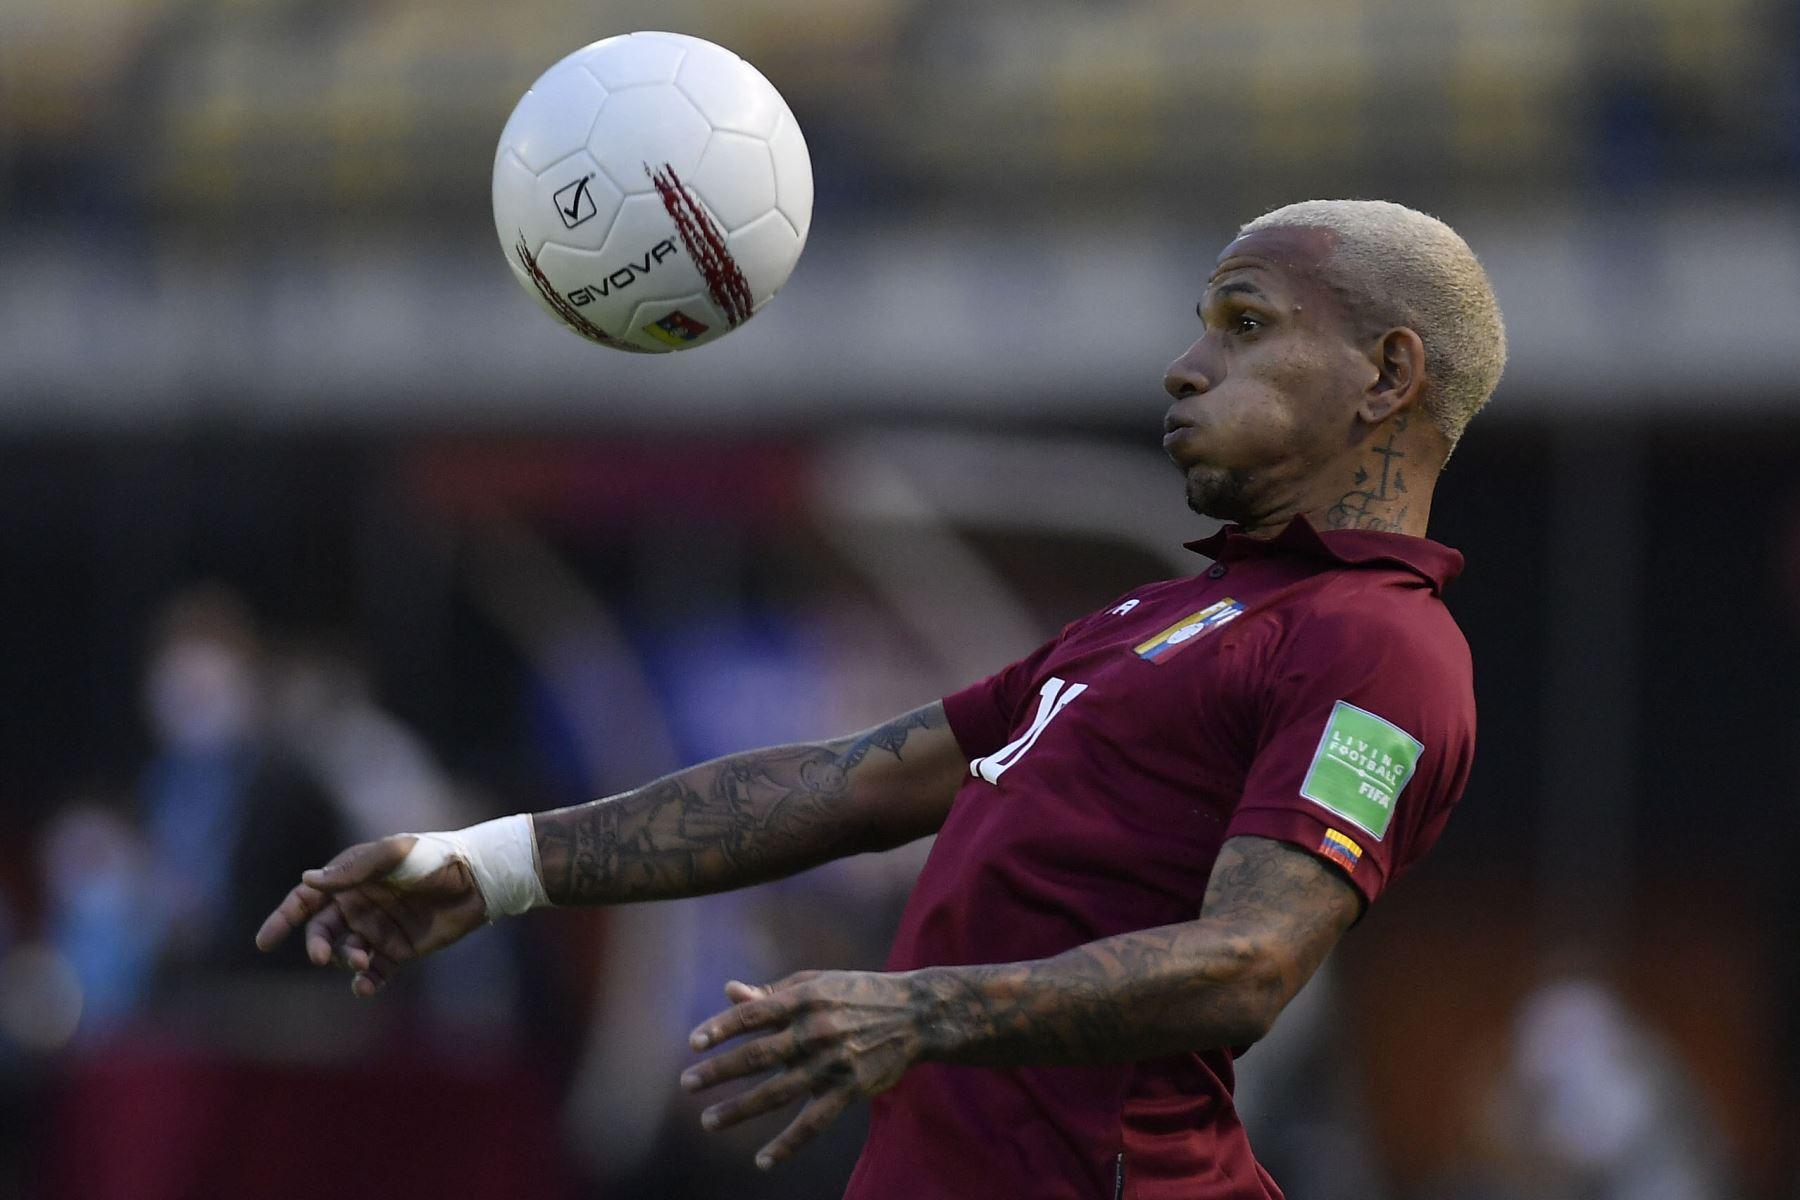 El venezolano Rómulo Otero controla el balón durante el partido clasificatorio sudamericano para la Copa Mundial de la FIFA Qatar 2022 contra Uruguay en el Estadio Olímpico UCV en Caracas. Foto: AFP